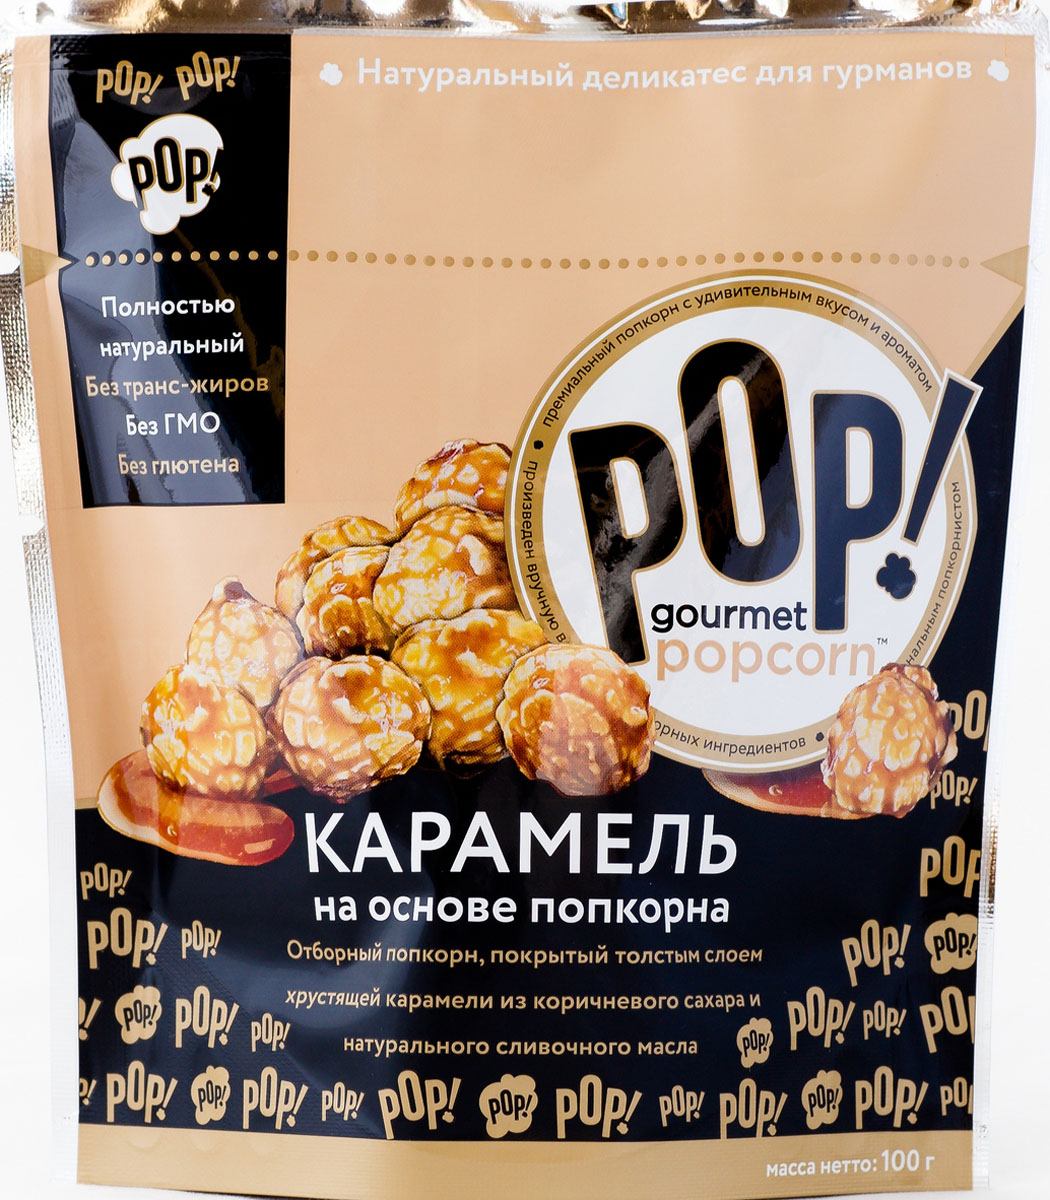 POP! Gourmet Popcorn карамель на основе попкорна, 100 г popcorn hour с 200